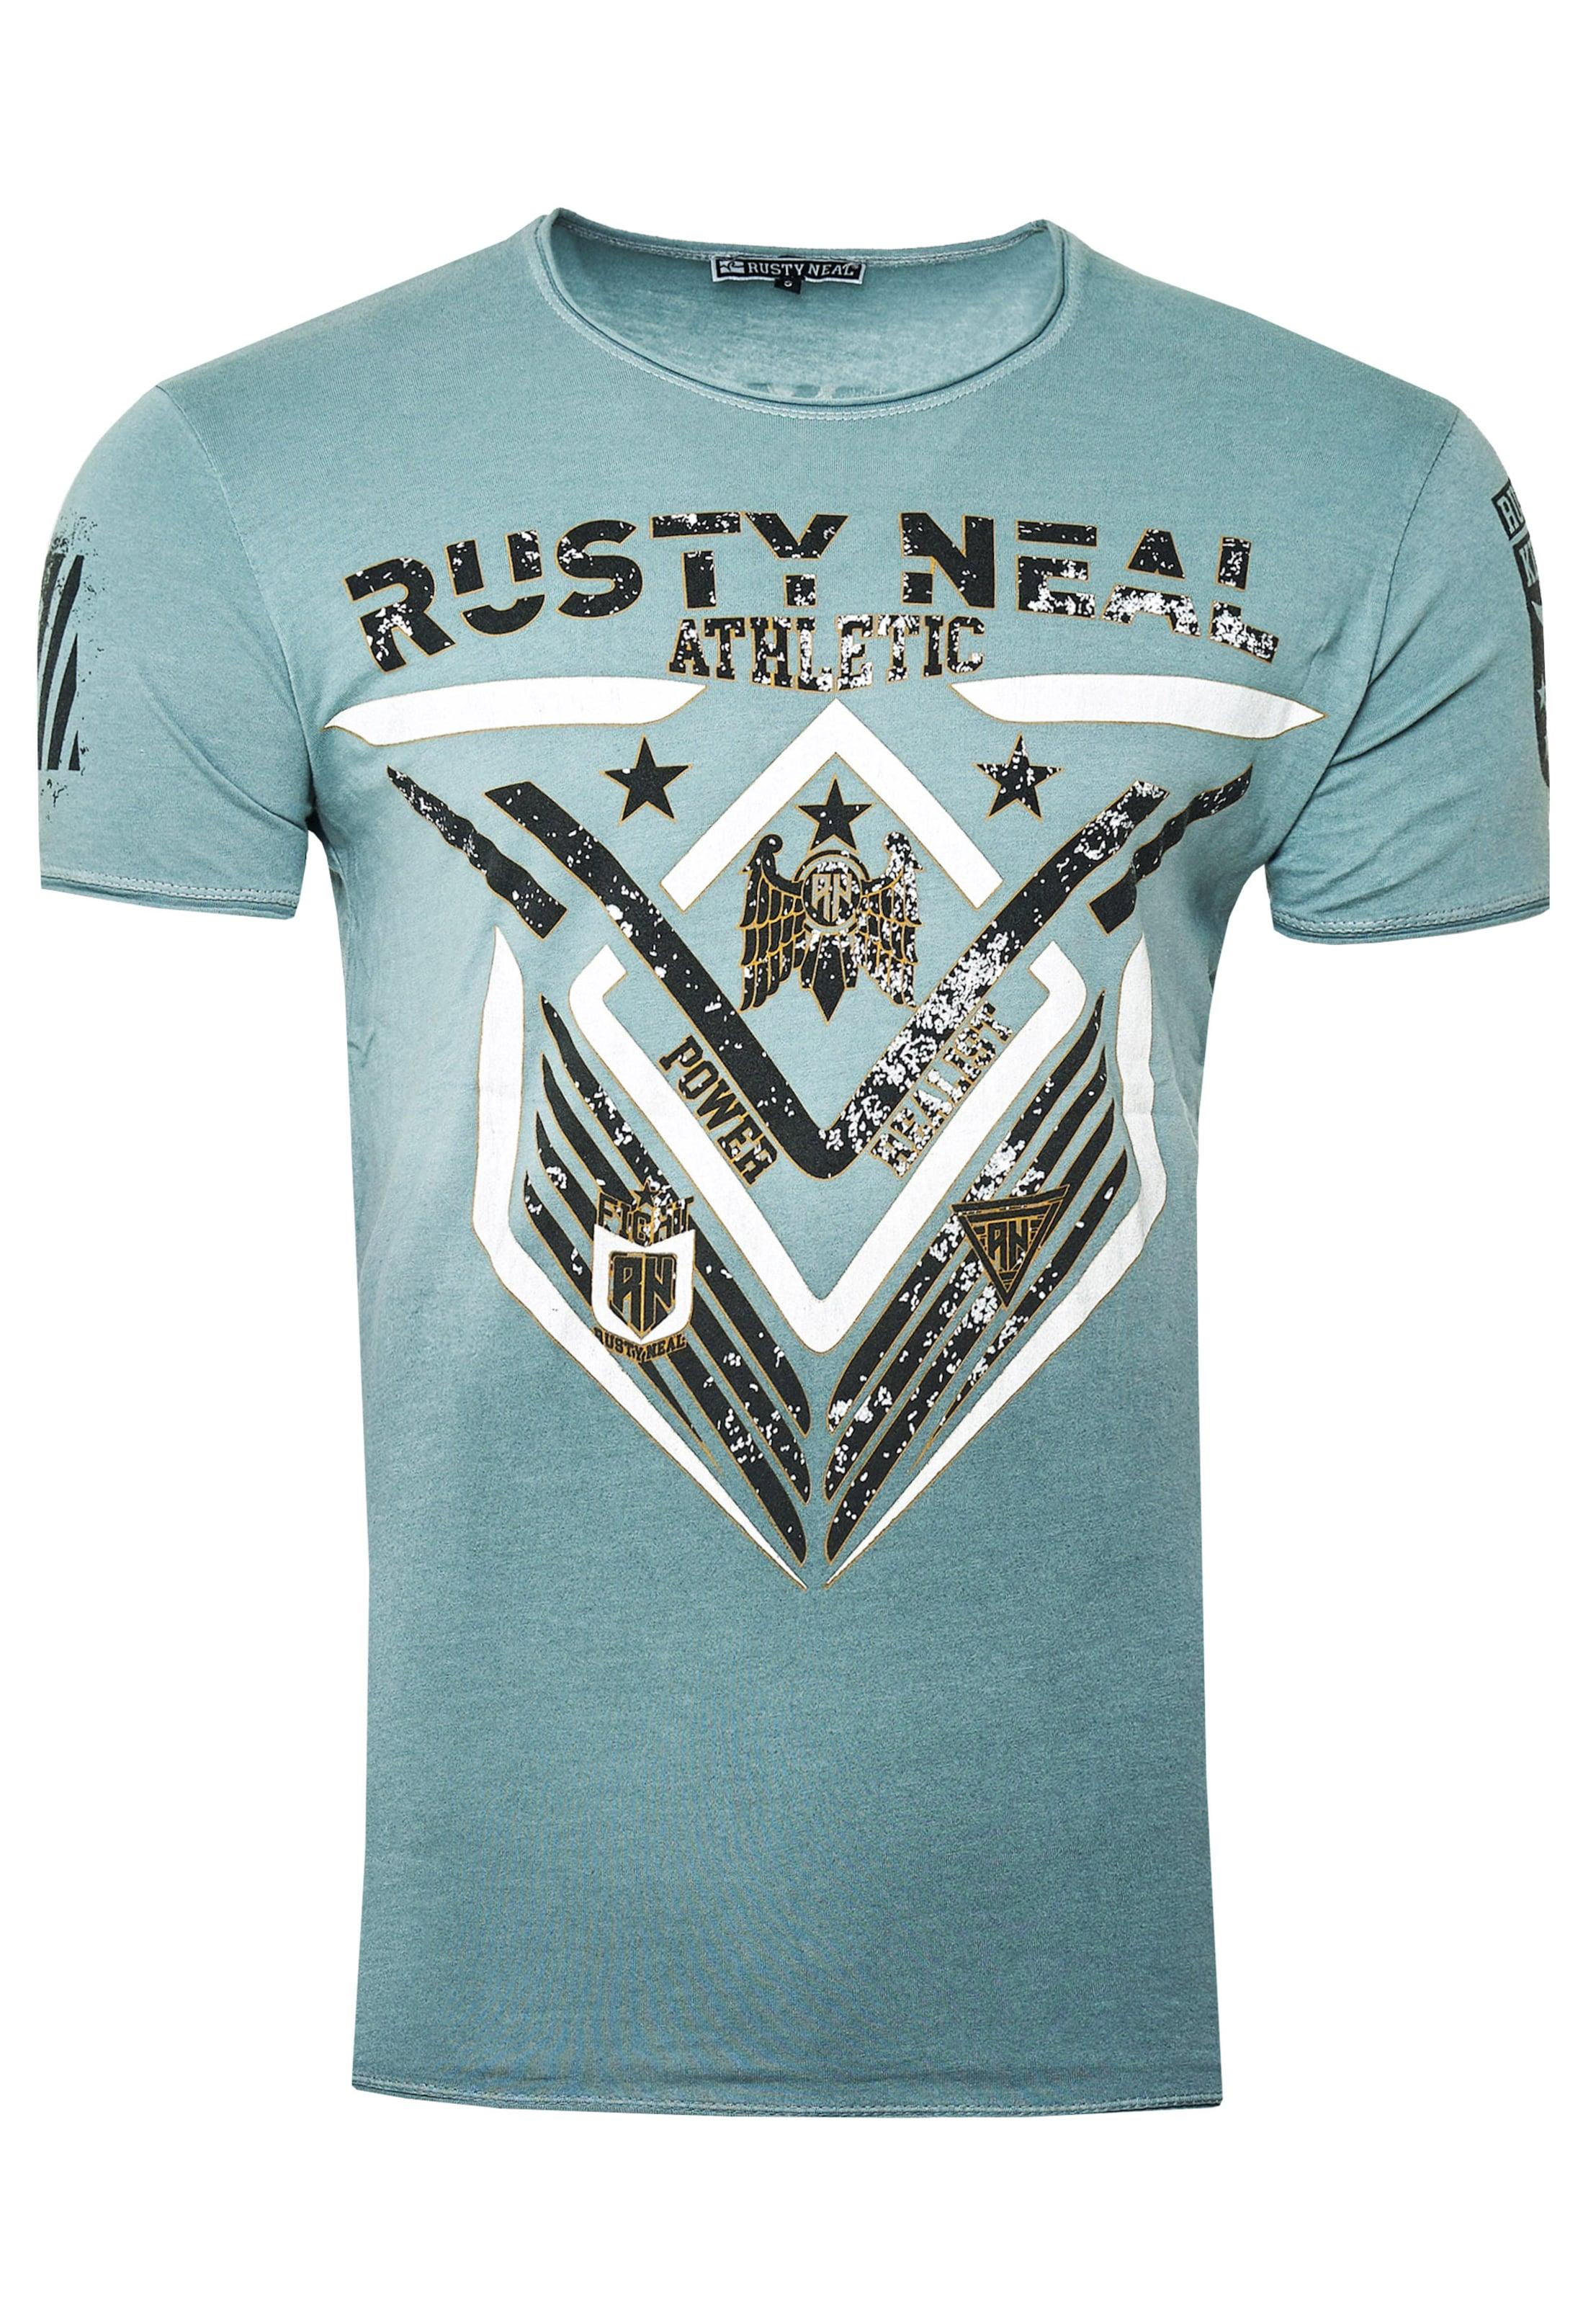 Rusty Neal T-Shirt aus formbeständiger Baumwolle in grau Baumwolle 3059882